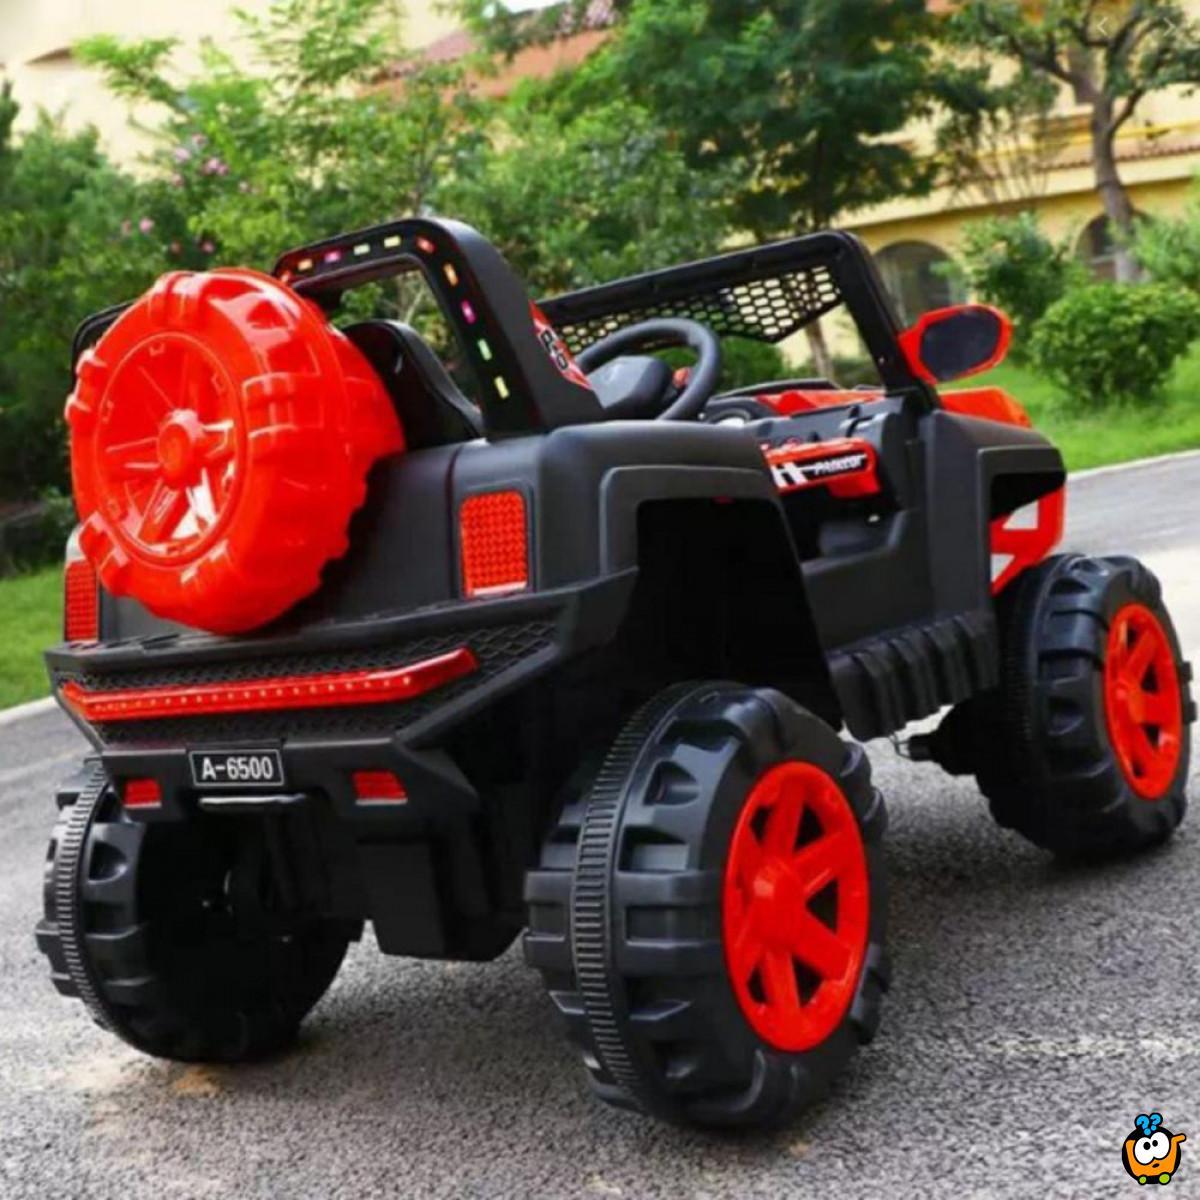 Off road vehicle - Veliko terensko vozilo za ludu vožnju na akumulator